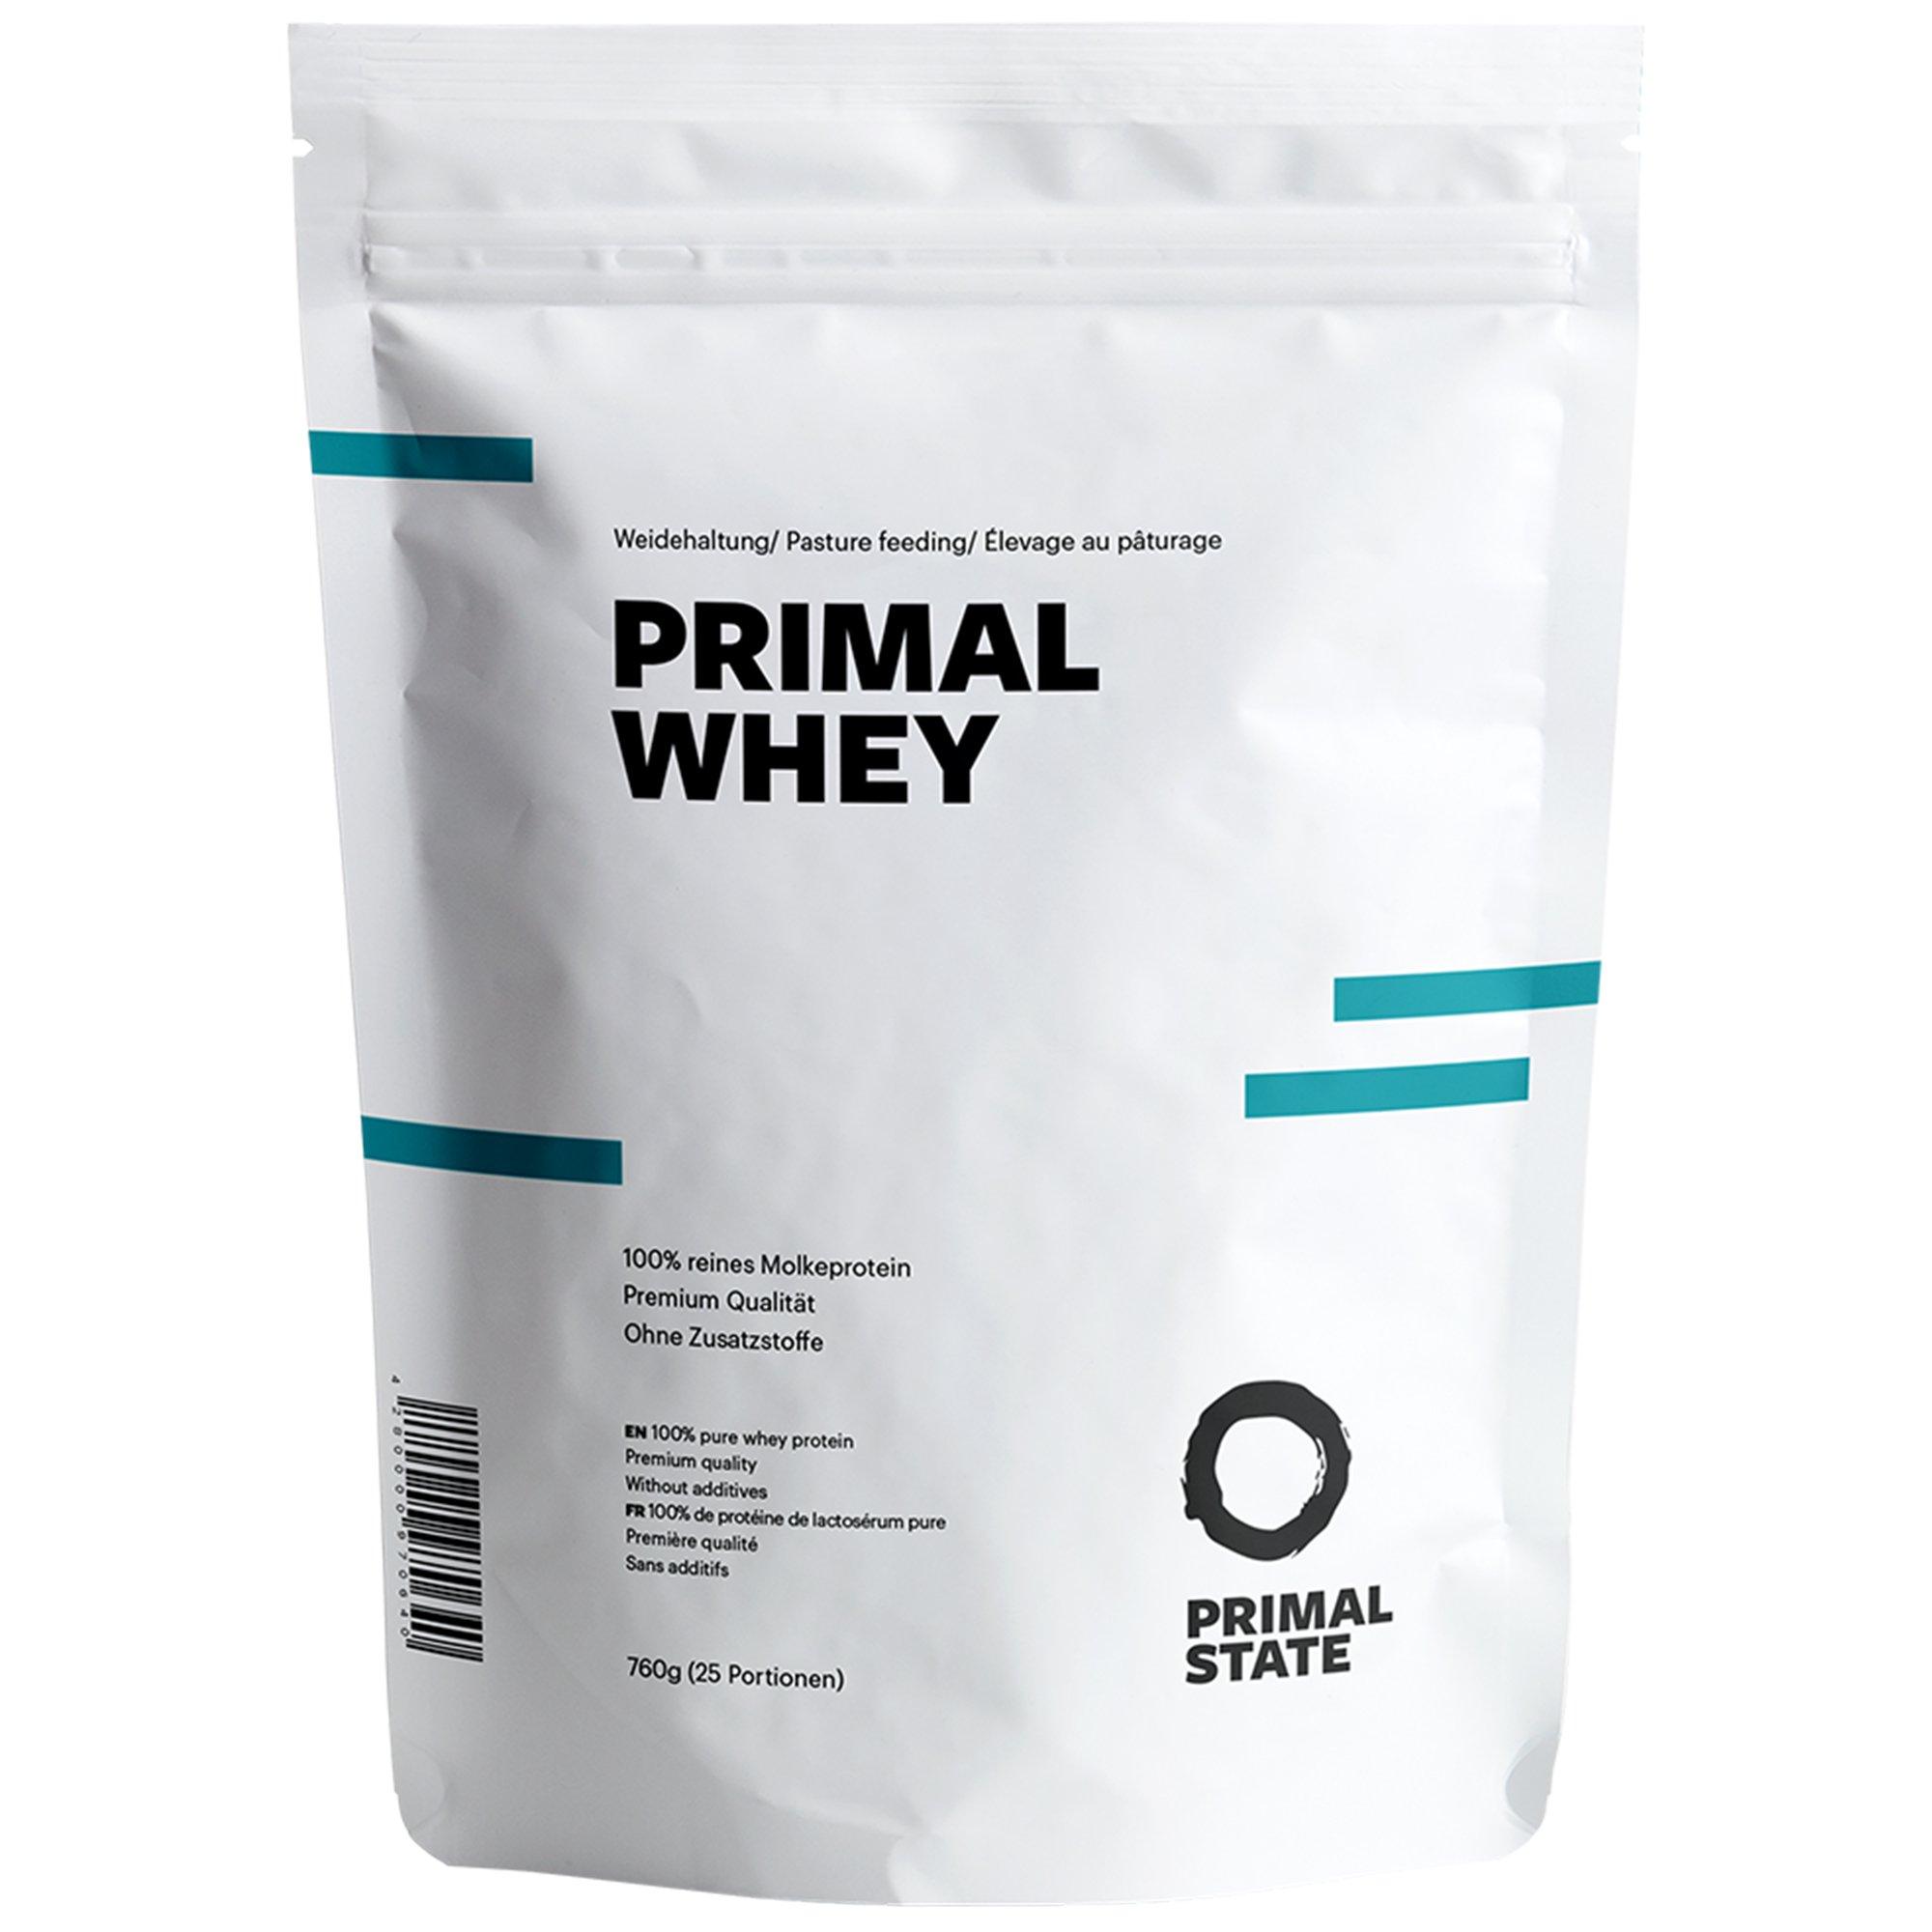 PRIMAL WHEY Proteinpulver | 100% reines Premium Molkeprotein aus irischer Weidehaltung | Low Carb Protein zur Erhaltung & Zunahme der Muskelmasse